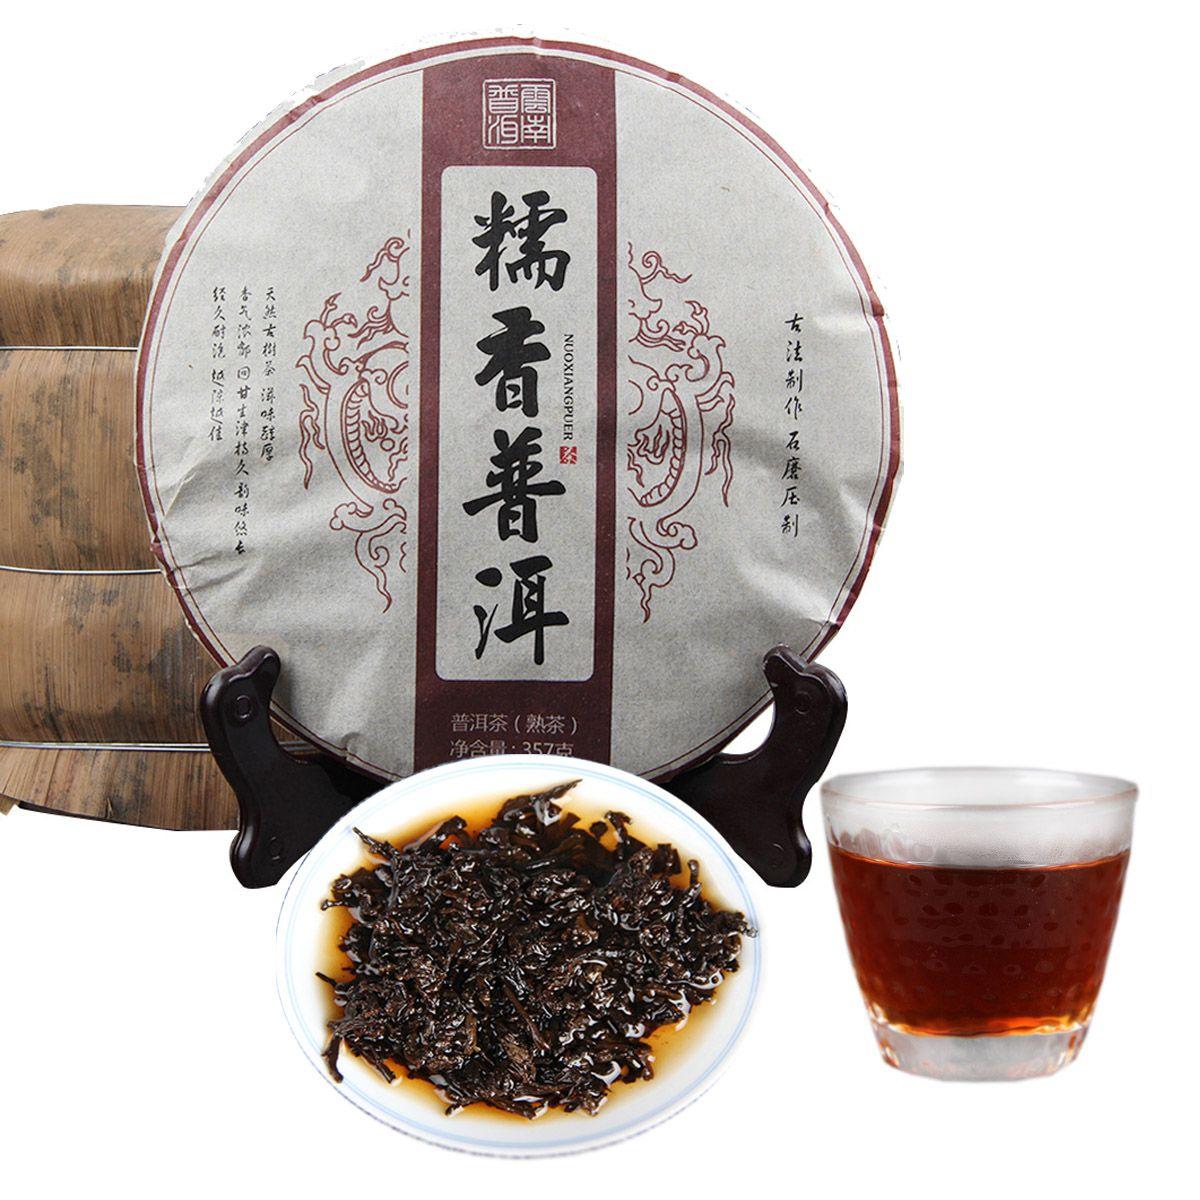 Pu Er 357 g Ripe thé Yunnan riz gluant Pu Fragrant er thé Pu'er organique rouge Puer plus vieil arbre naturel Pu erh Noir Puerh Thé